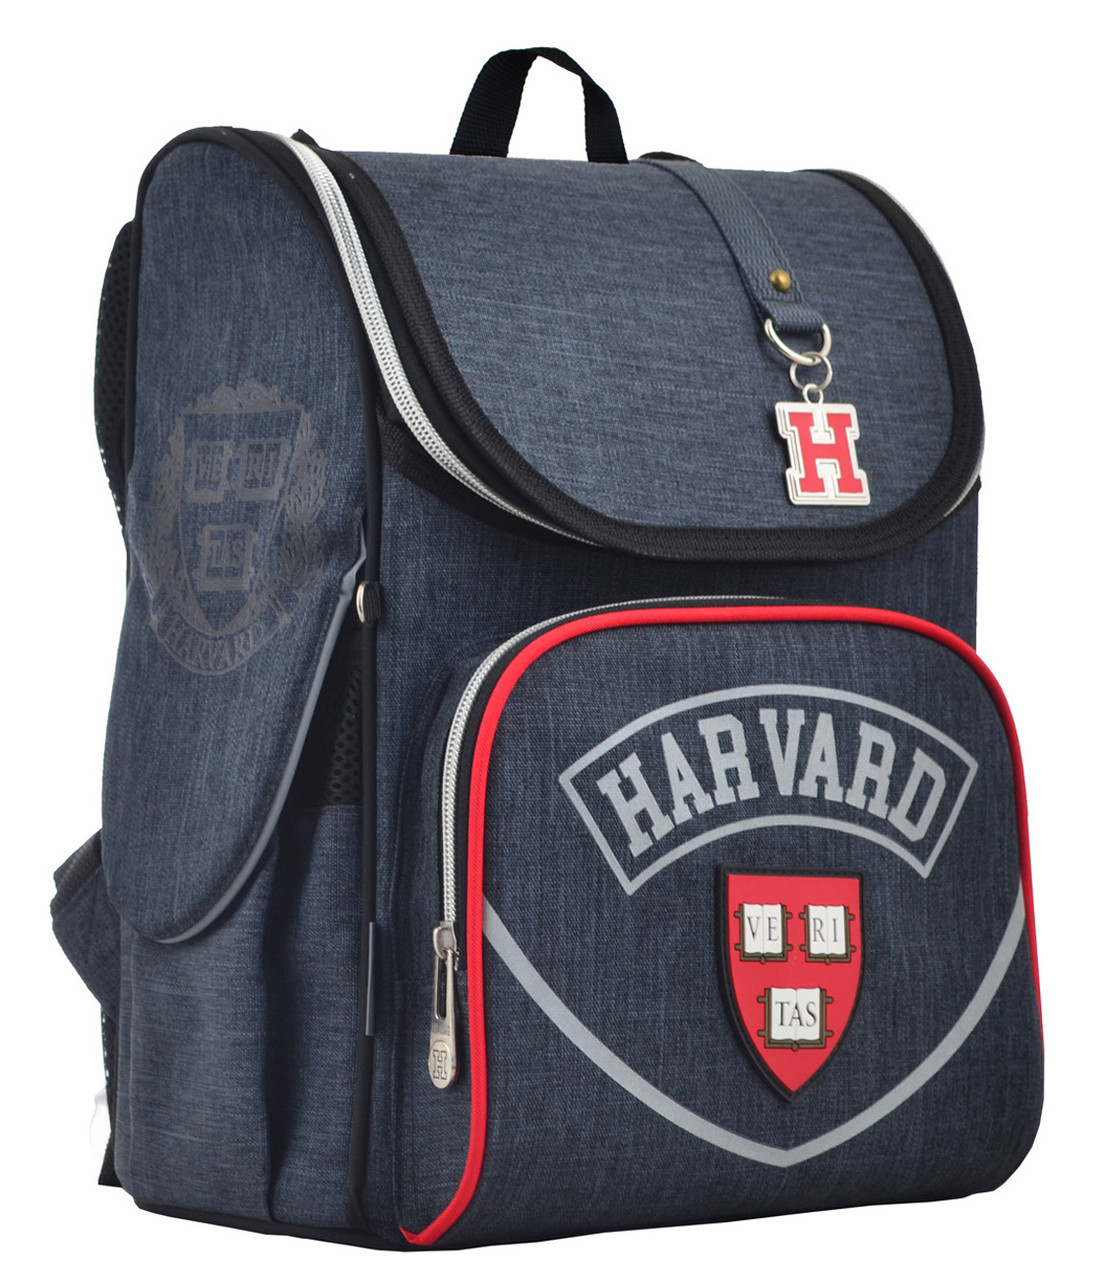 Рюкзак школьный каркасный YES H-11 Harvard, 33.5*26*13.5 555136